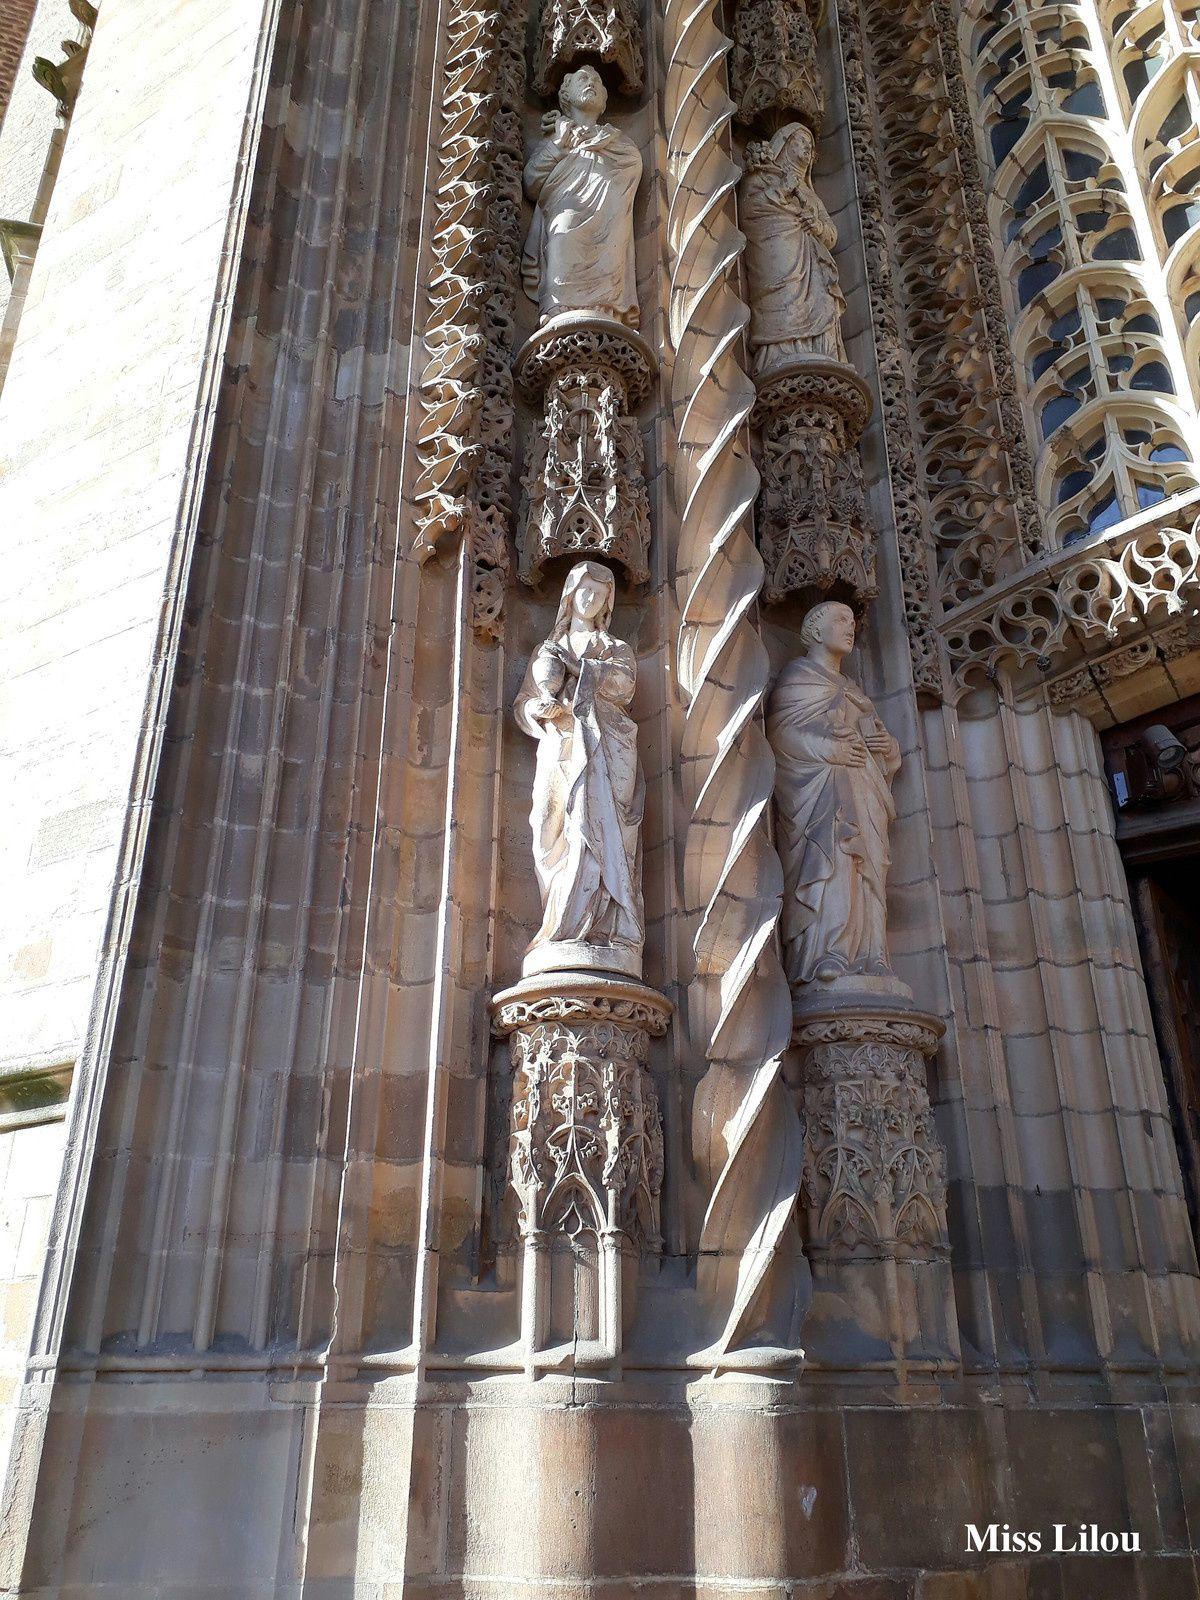 Porte d'Entrée de la Cathédrale Sainte-Cécile, Albi